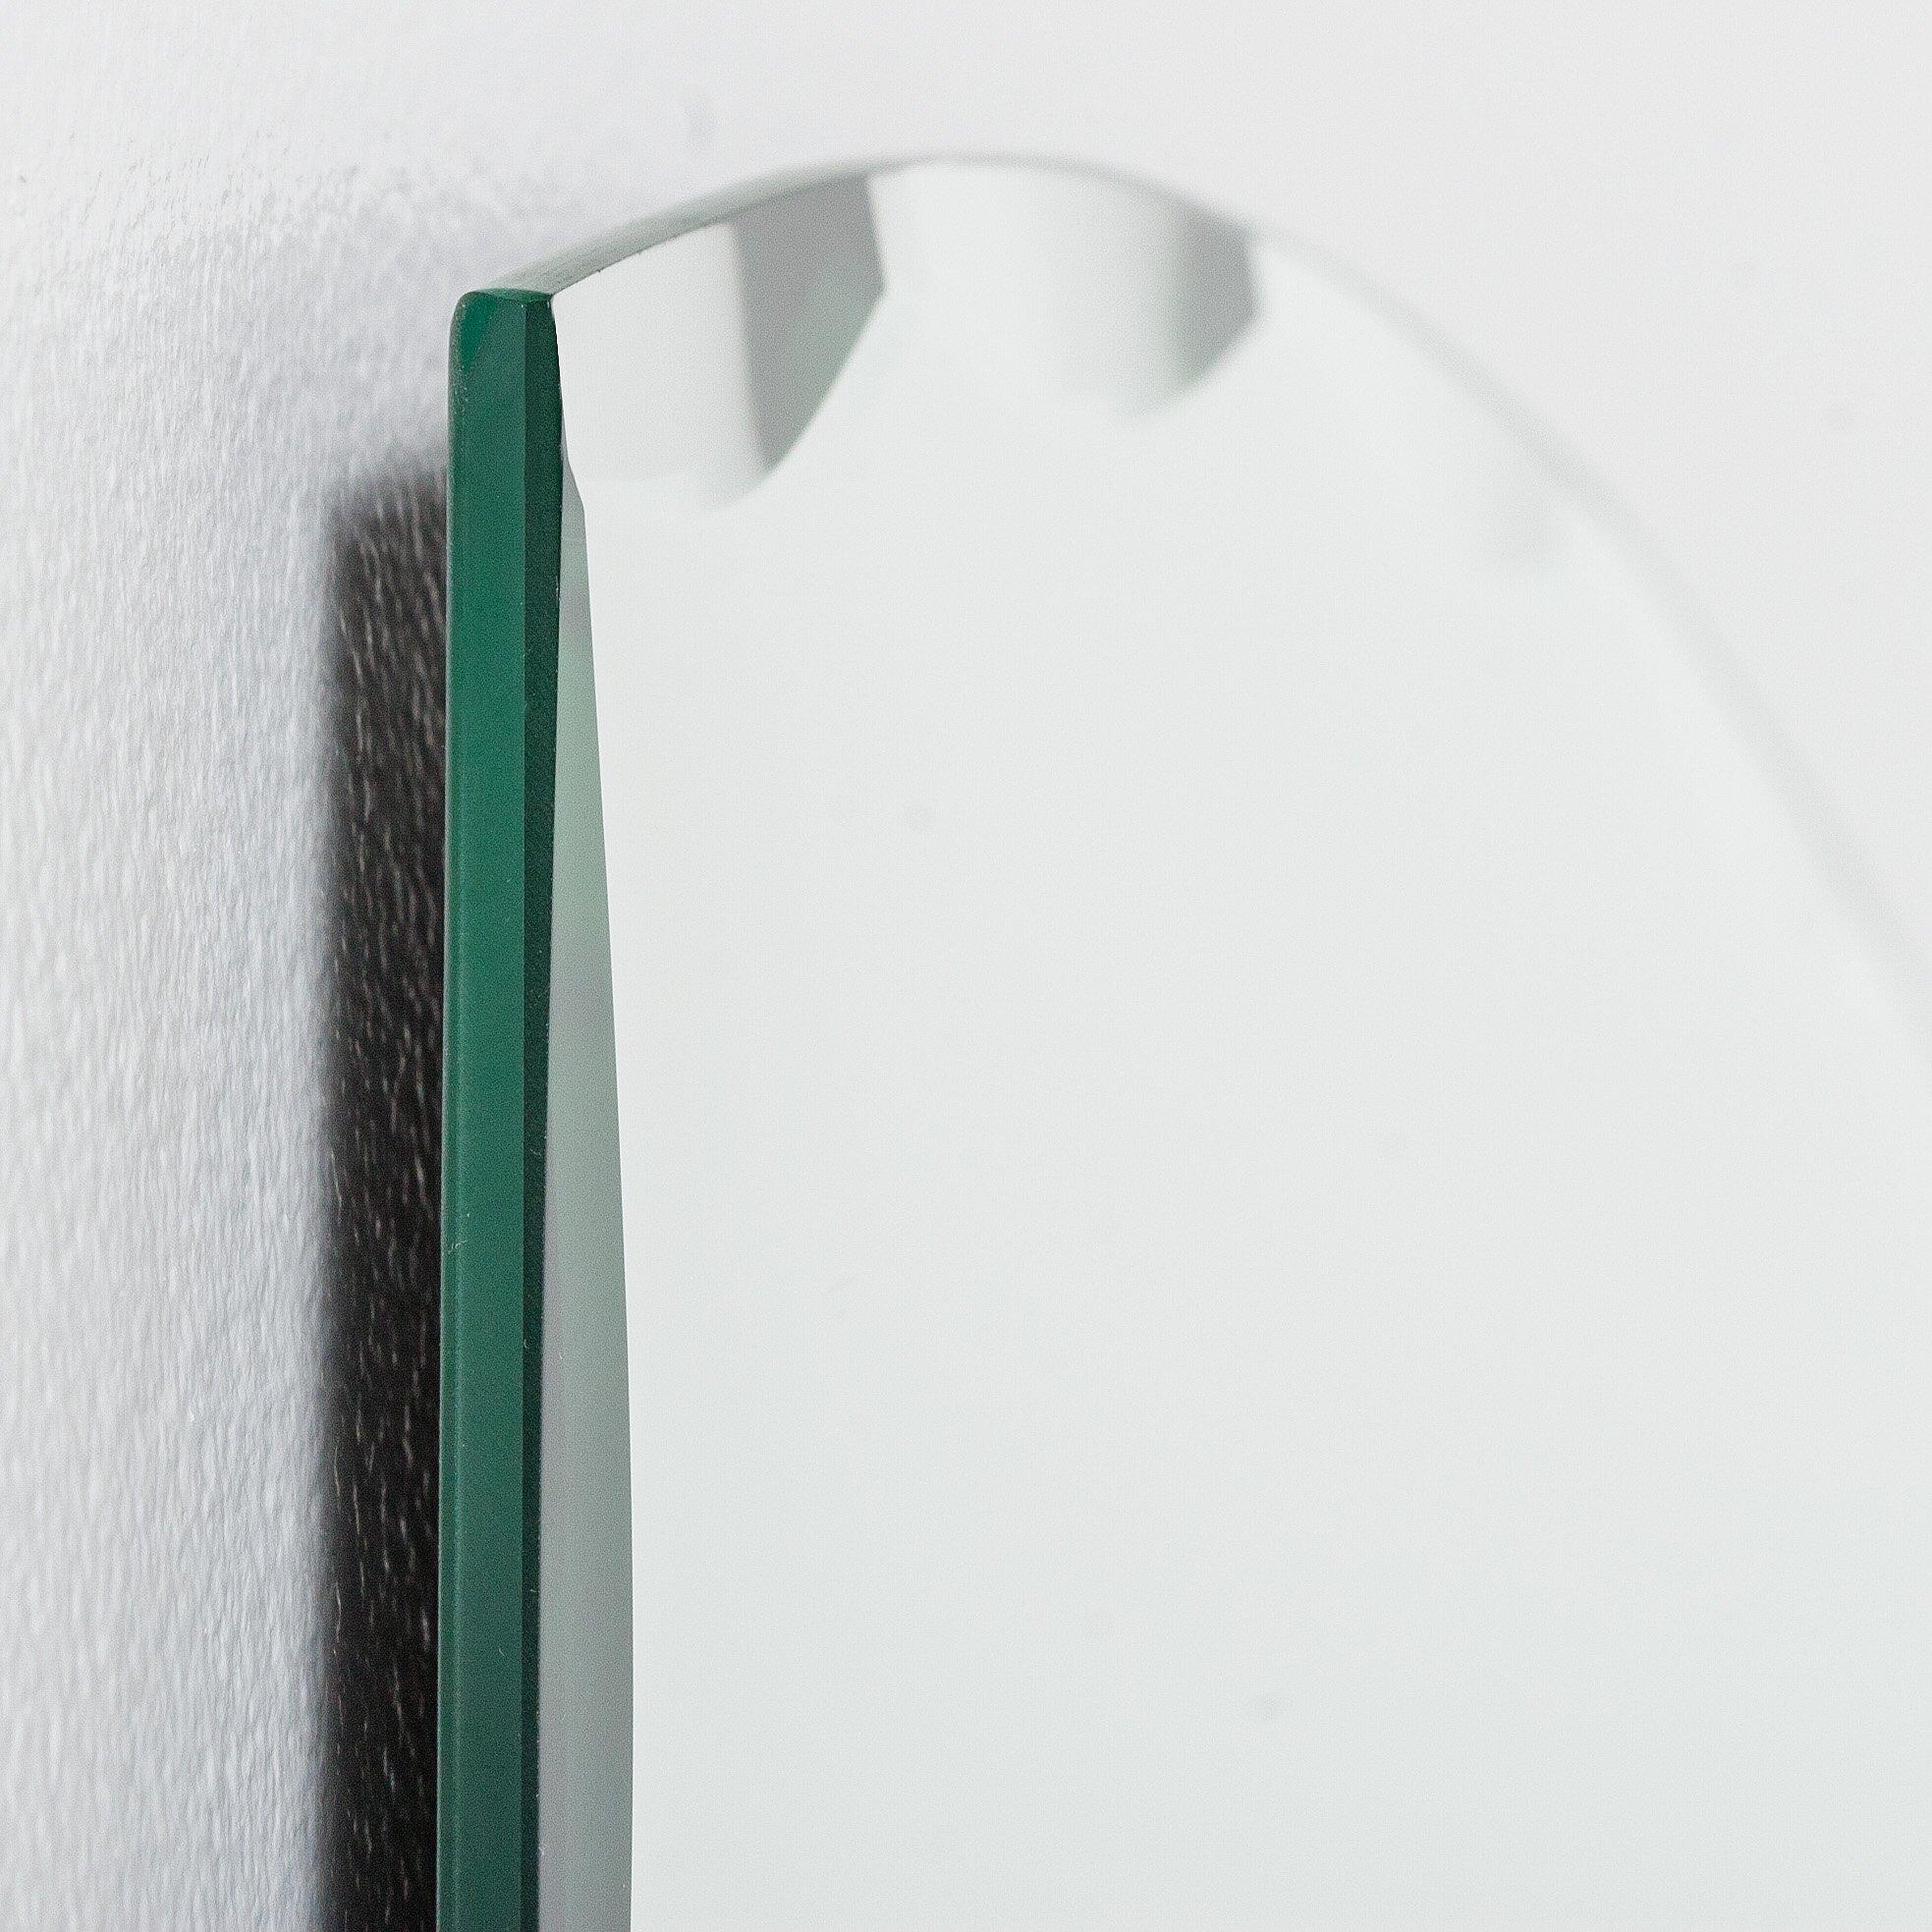 Decor wonderland paris modern wall mirror reviews wayfair for Modern wall mirror